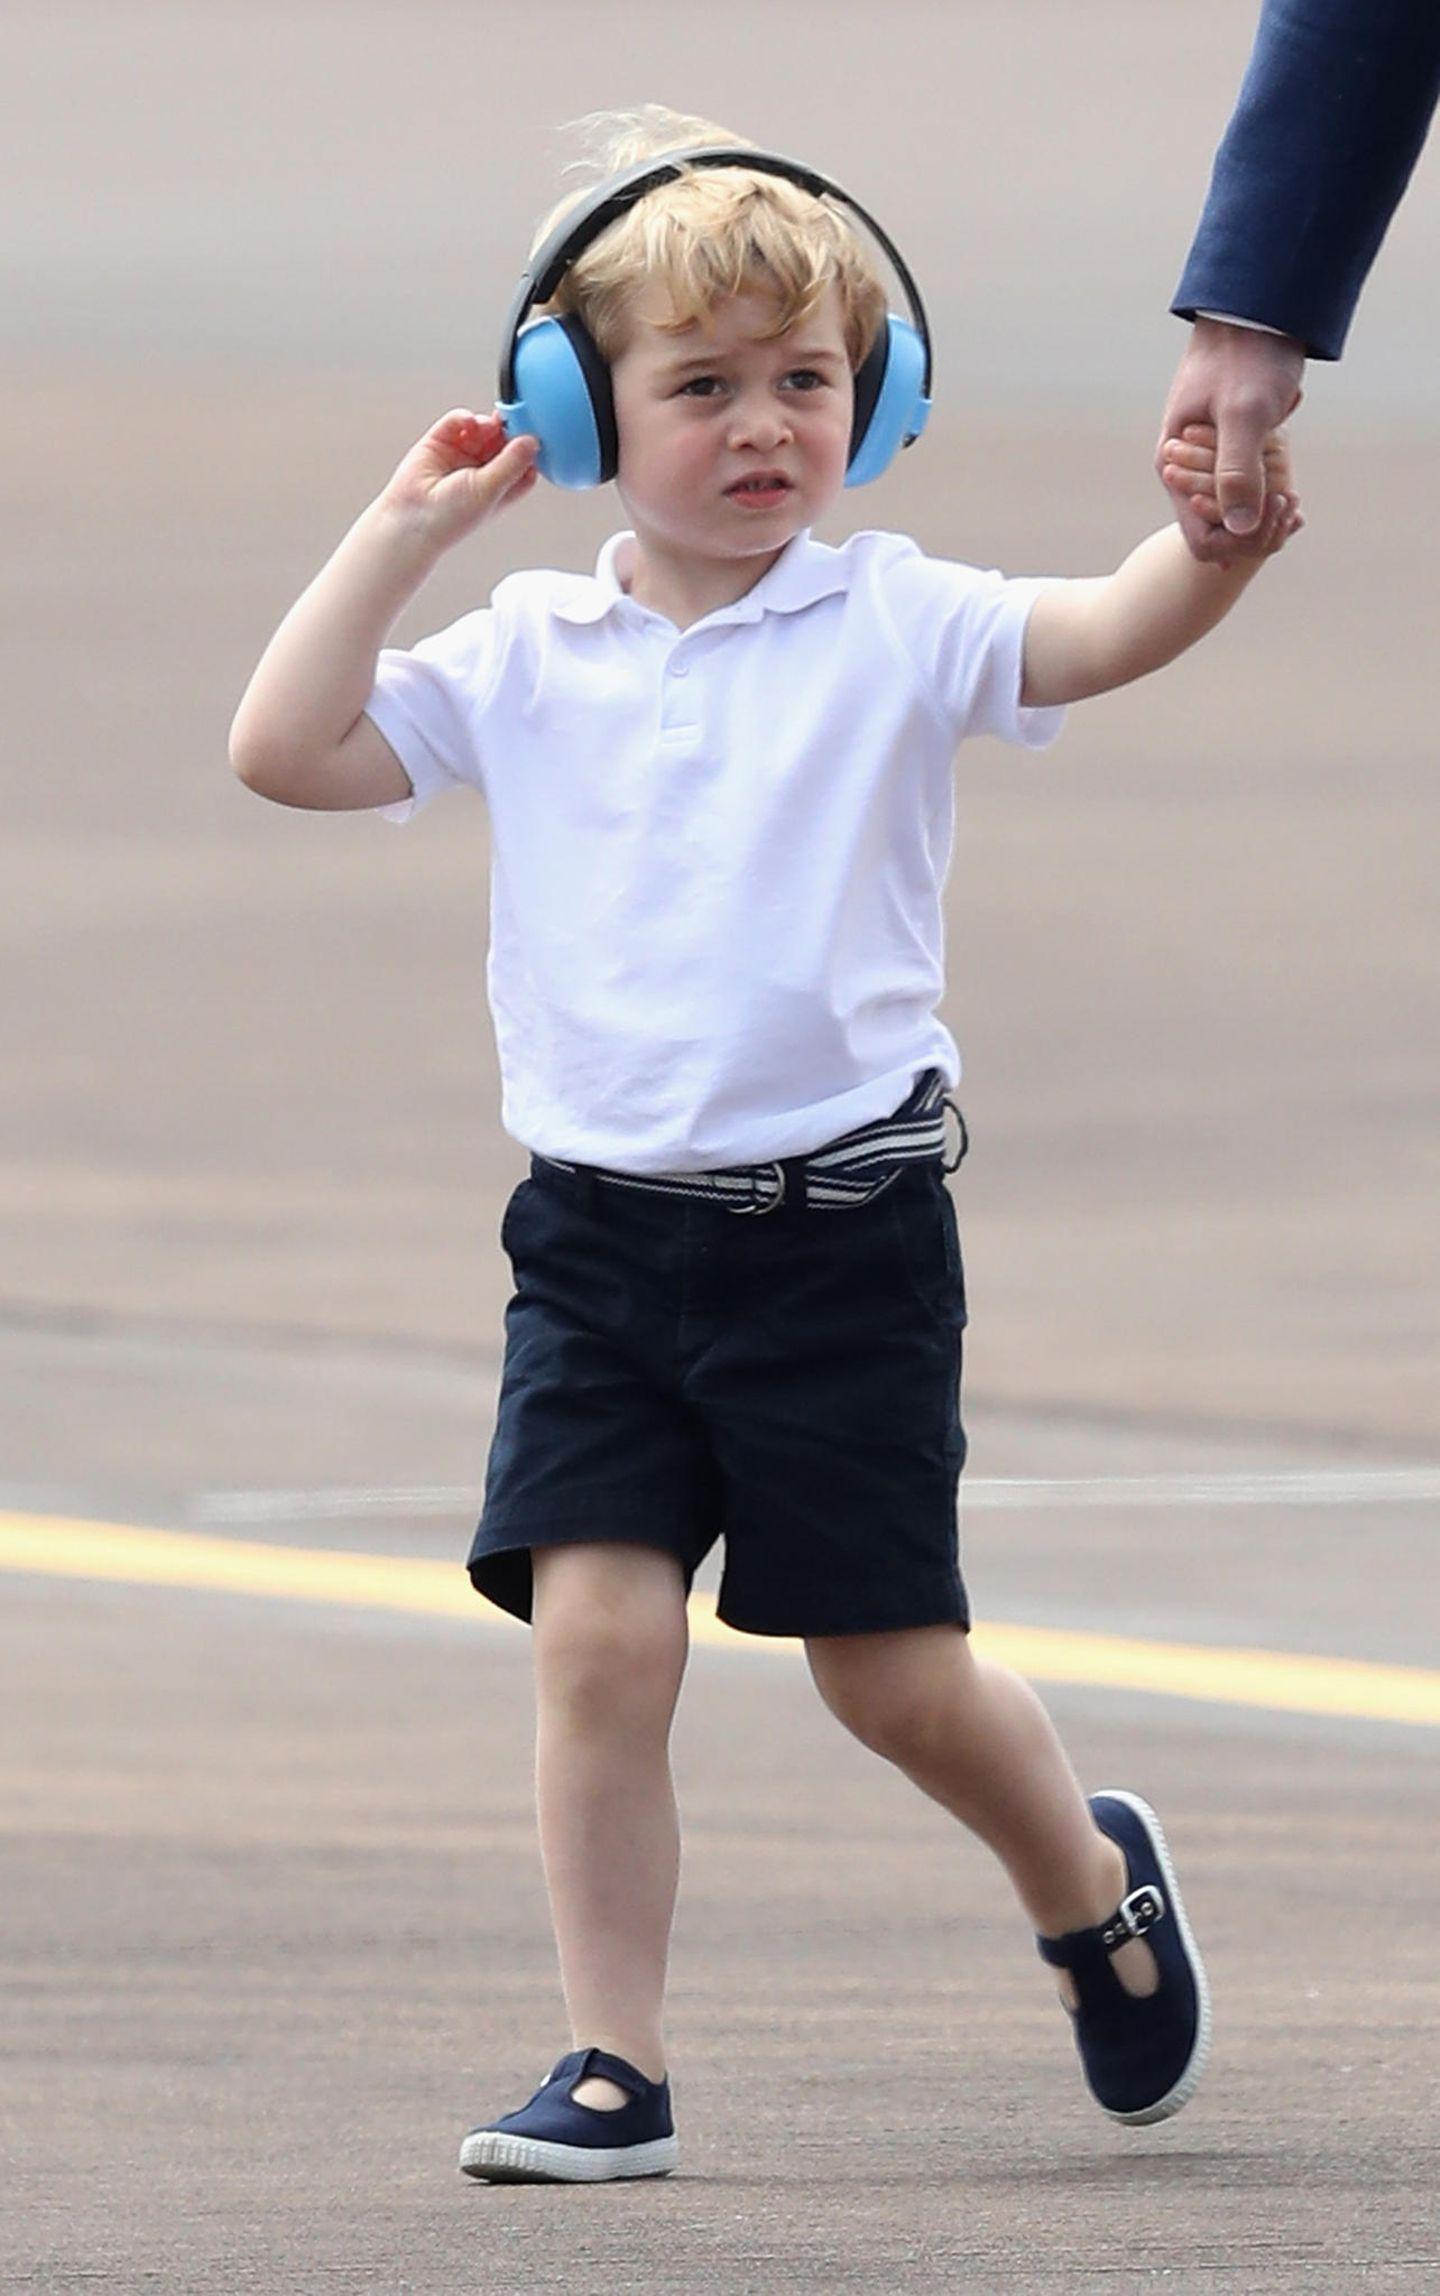 """Beim """"The Royal International Air Tattoo"""" Im Juli im englischenFairford hält es der damals Zweijährige simpel: In einem weißen Polohemd und dunkelblauen Shorts. Darauf abgestimmte Shorts und der passende Gürtel runden das Mini-Styler-Outfit ab."""